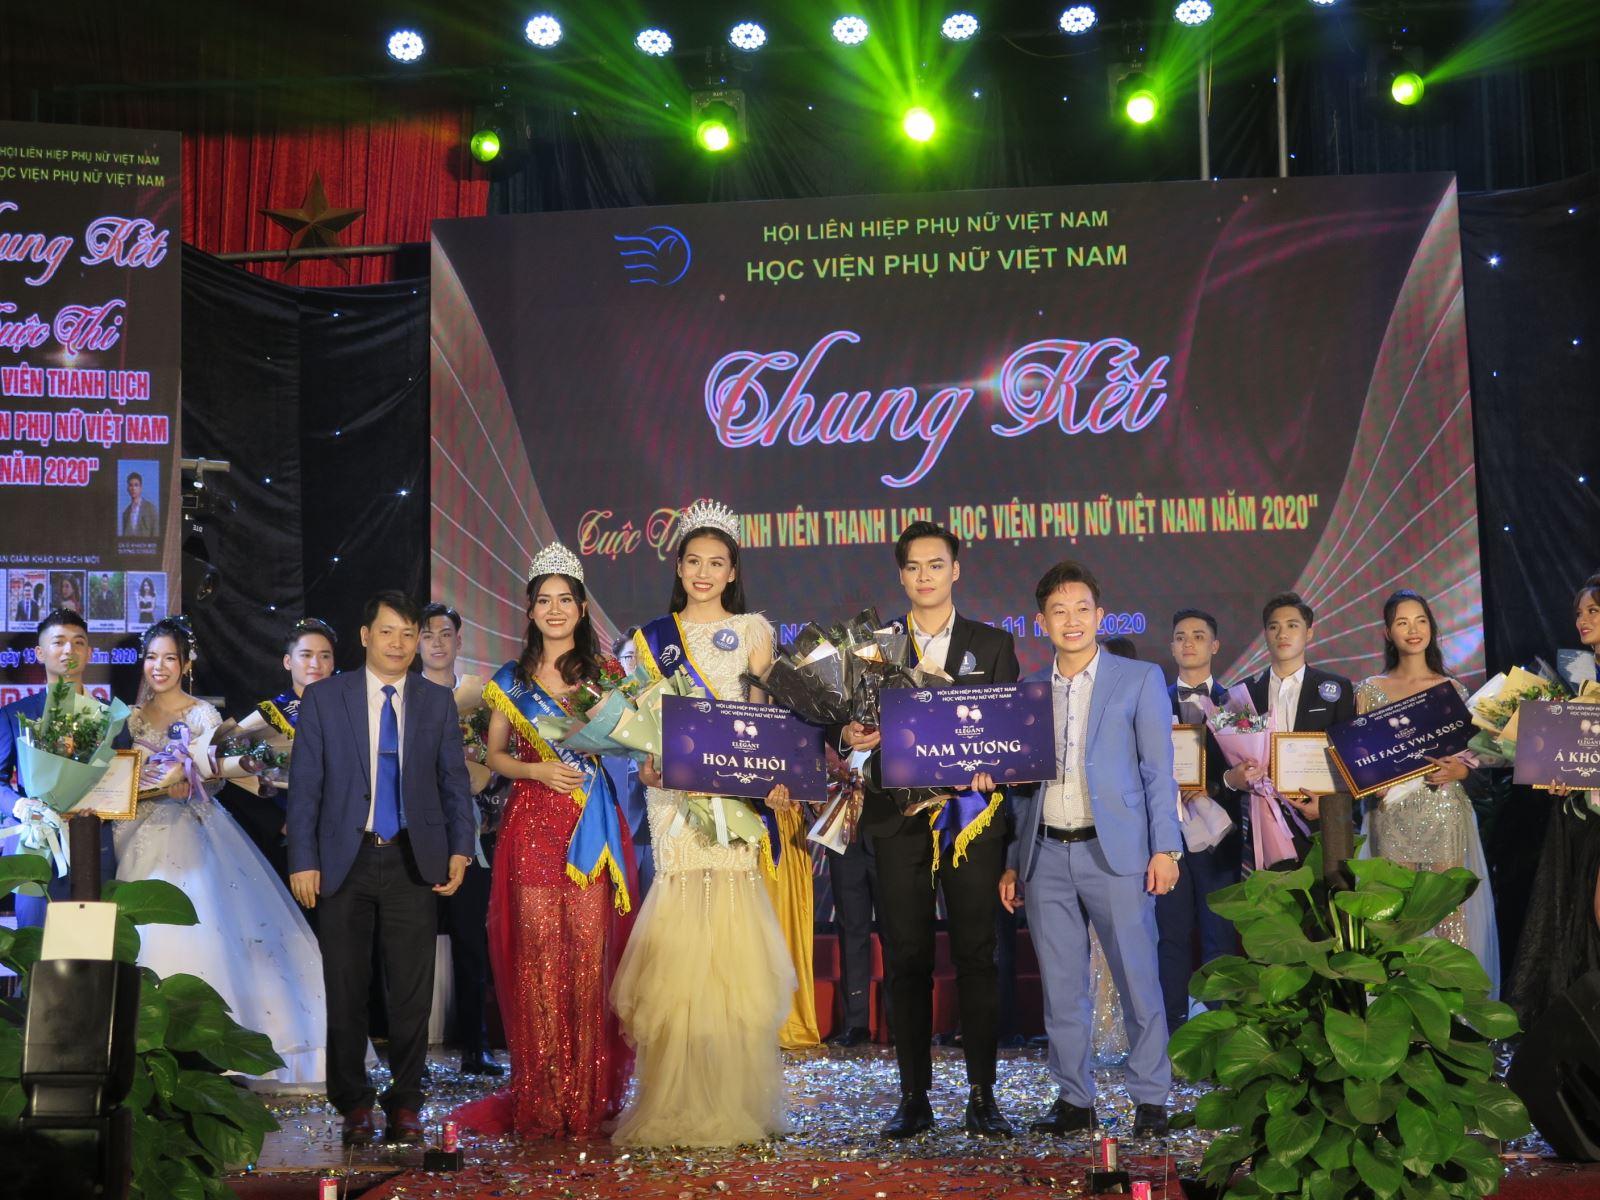 Chung kết cuộc thi Sinh viên thanh lịch 2020